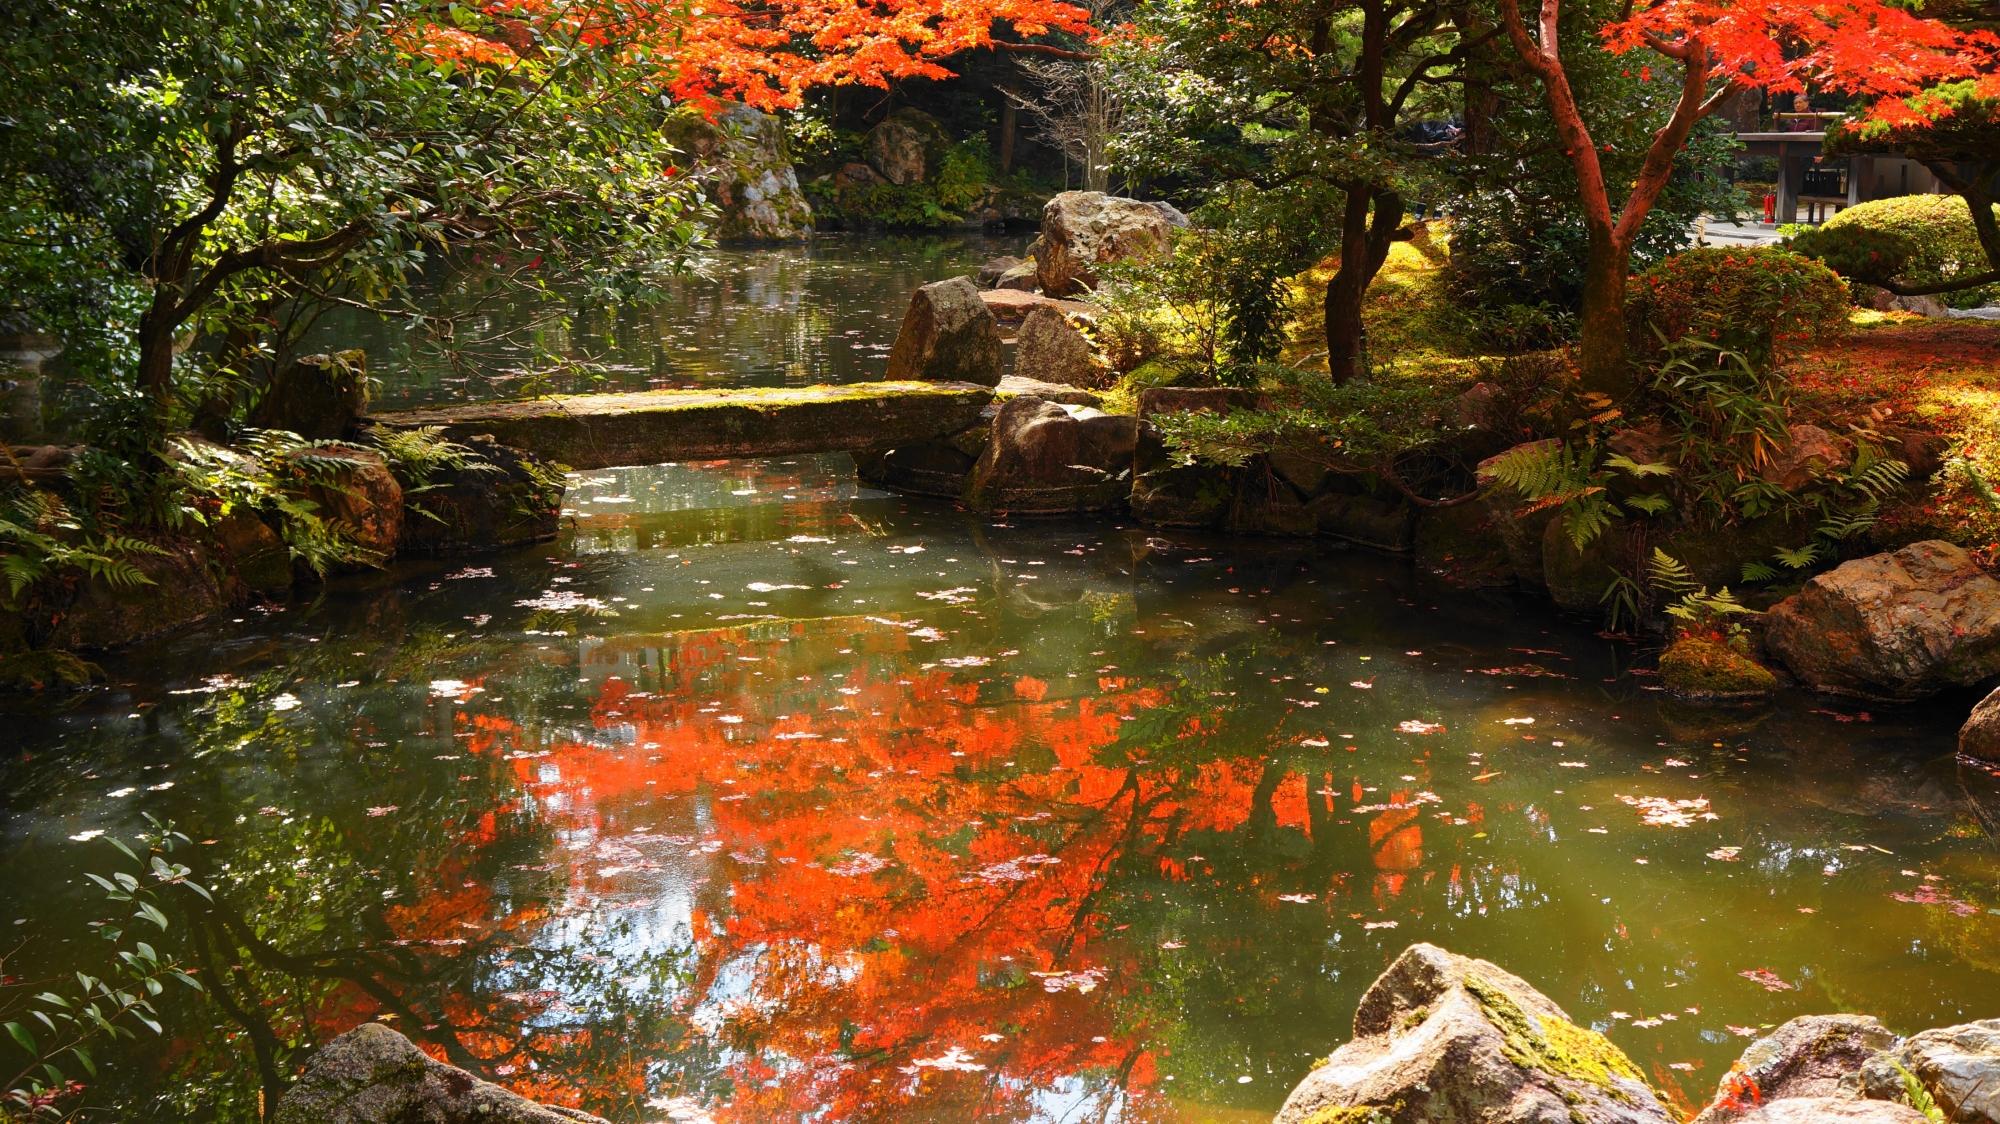 知恩院方丈庭園の煌く紅葉の水鏡